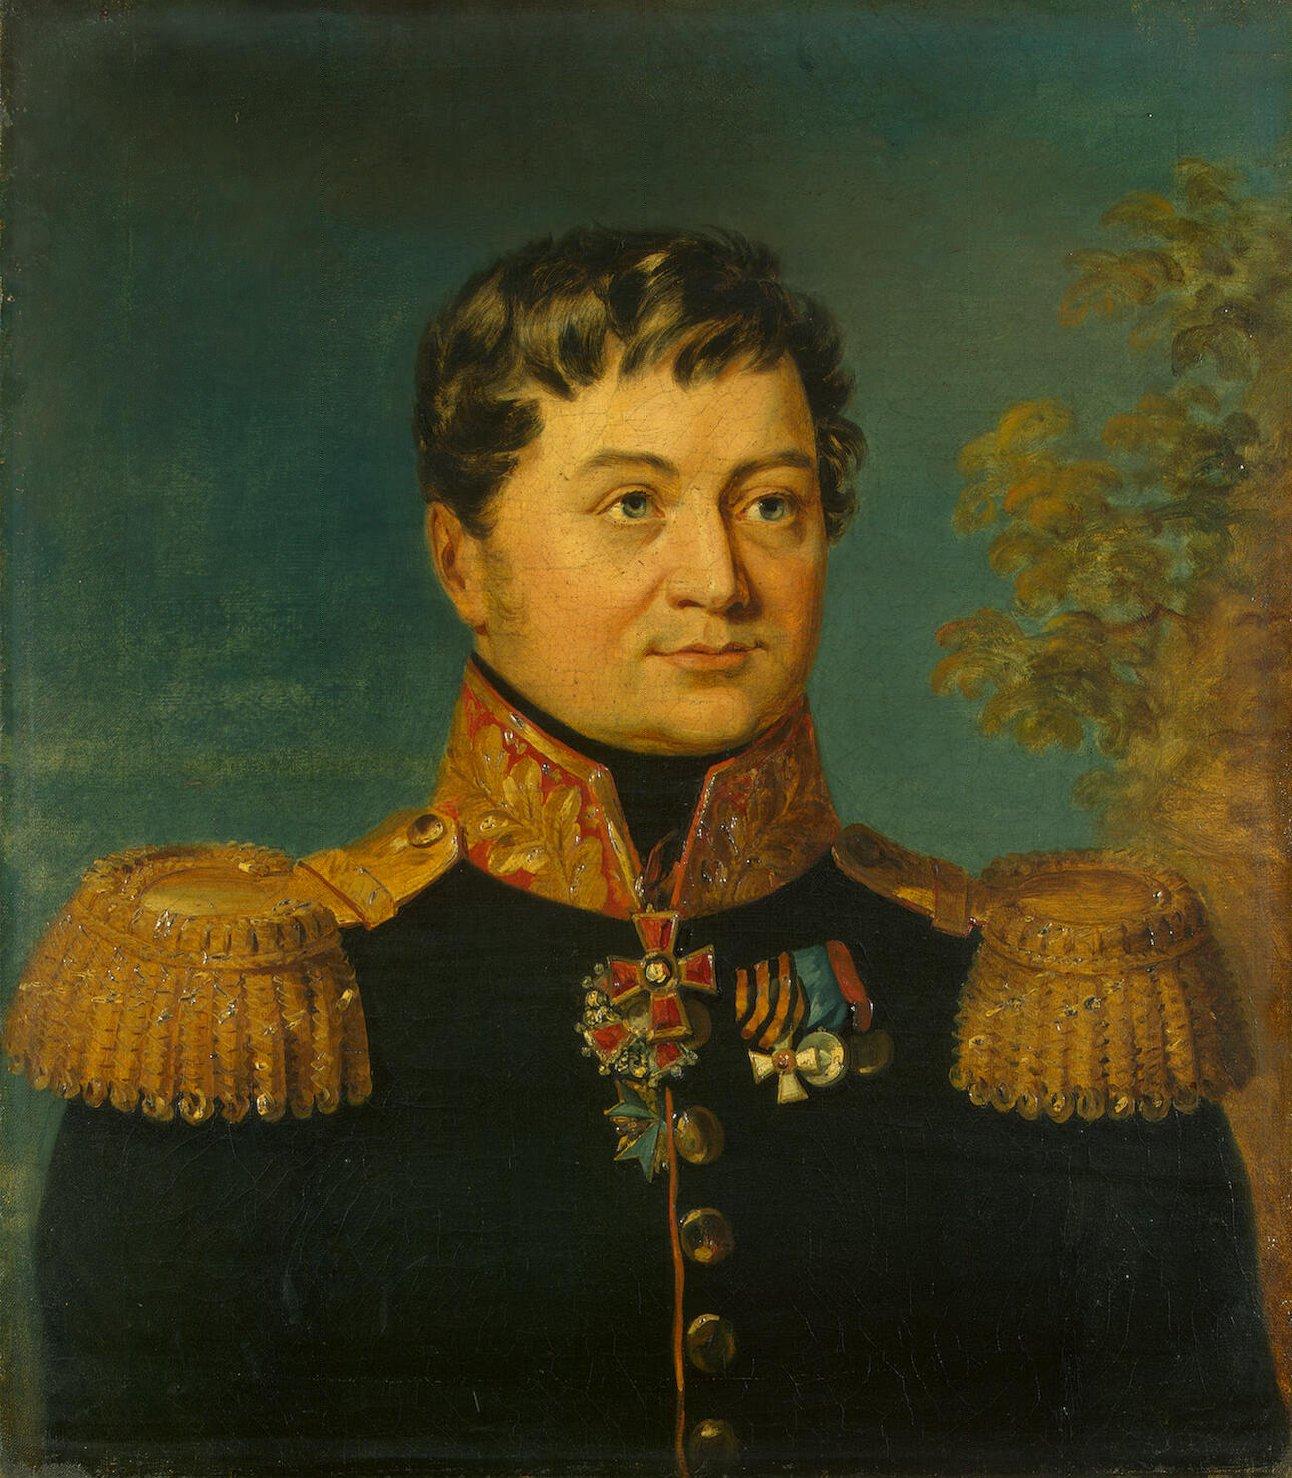 Турчанинов, Андрей Петрович